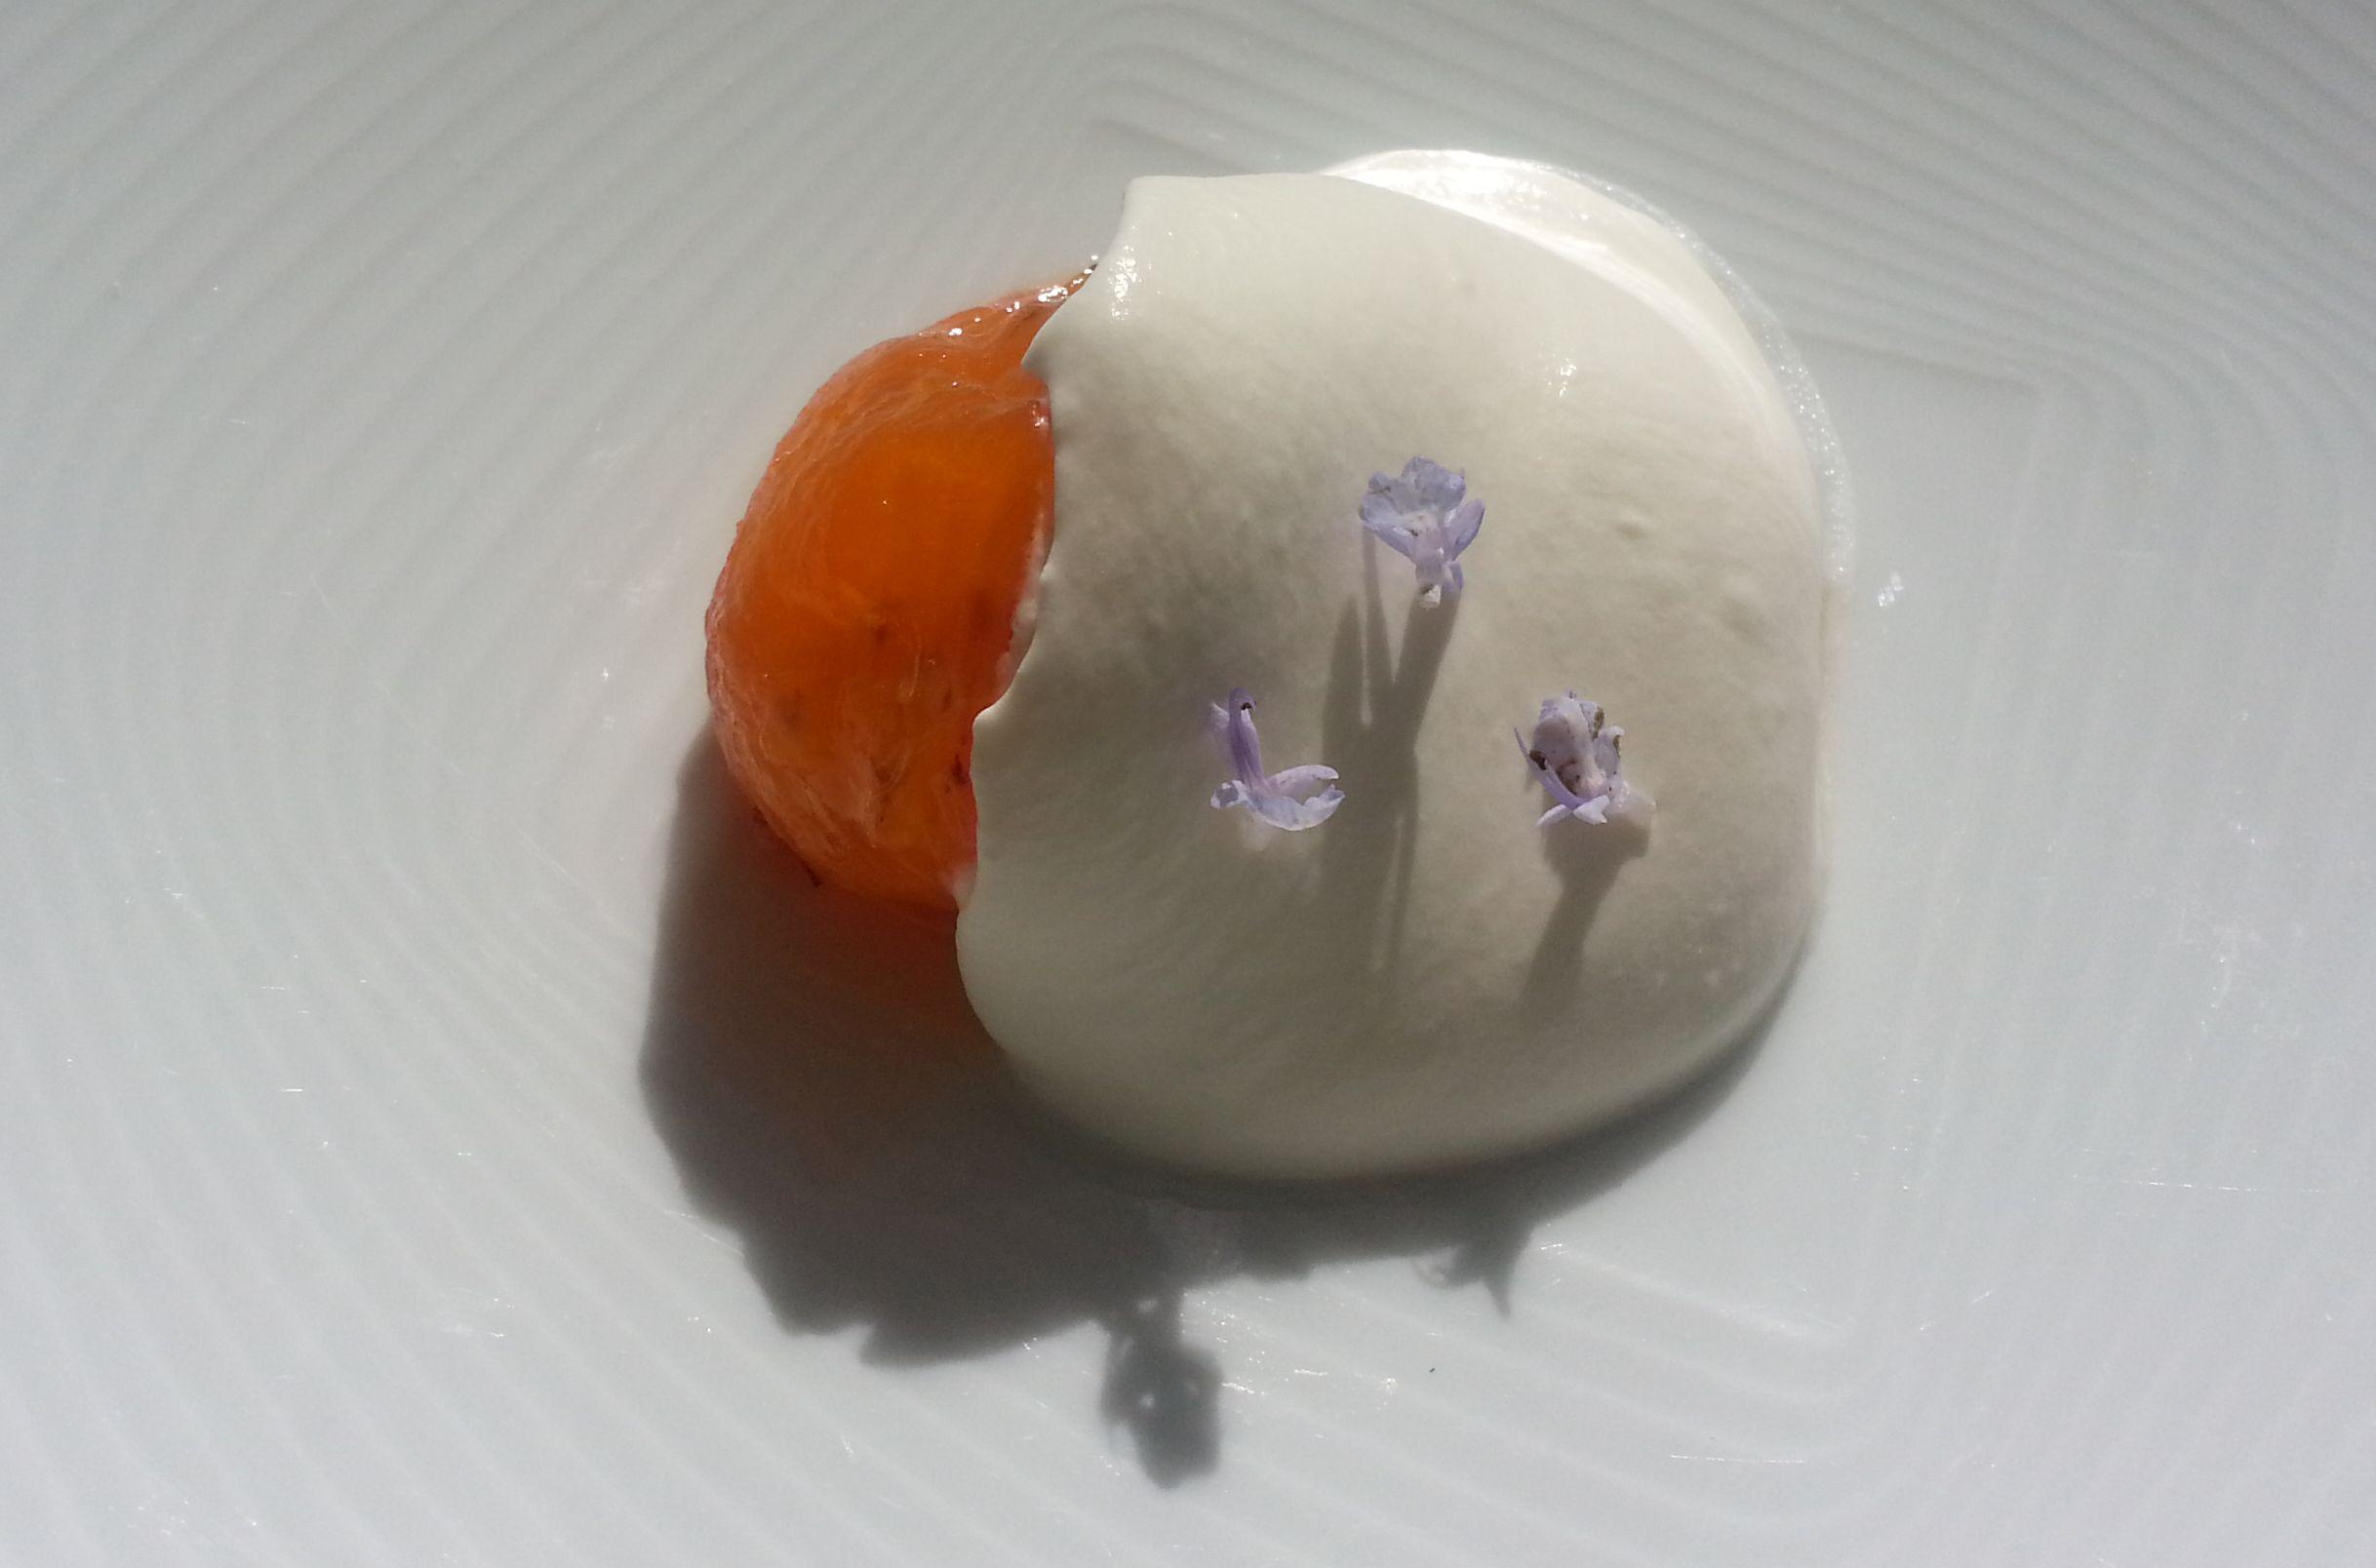 dessert-caco-alla-crema-montata-al-cognac-e-fiori-di-rosmarino